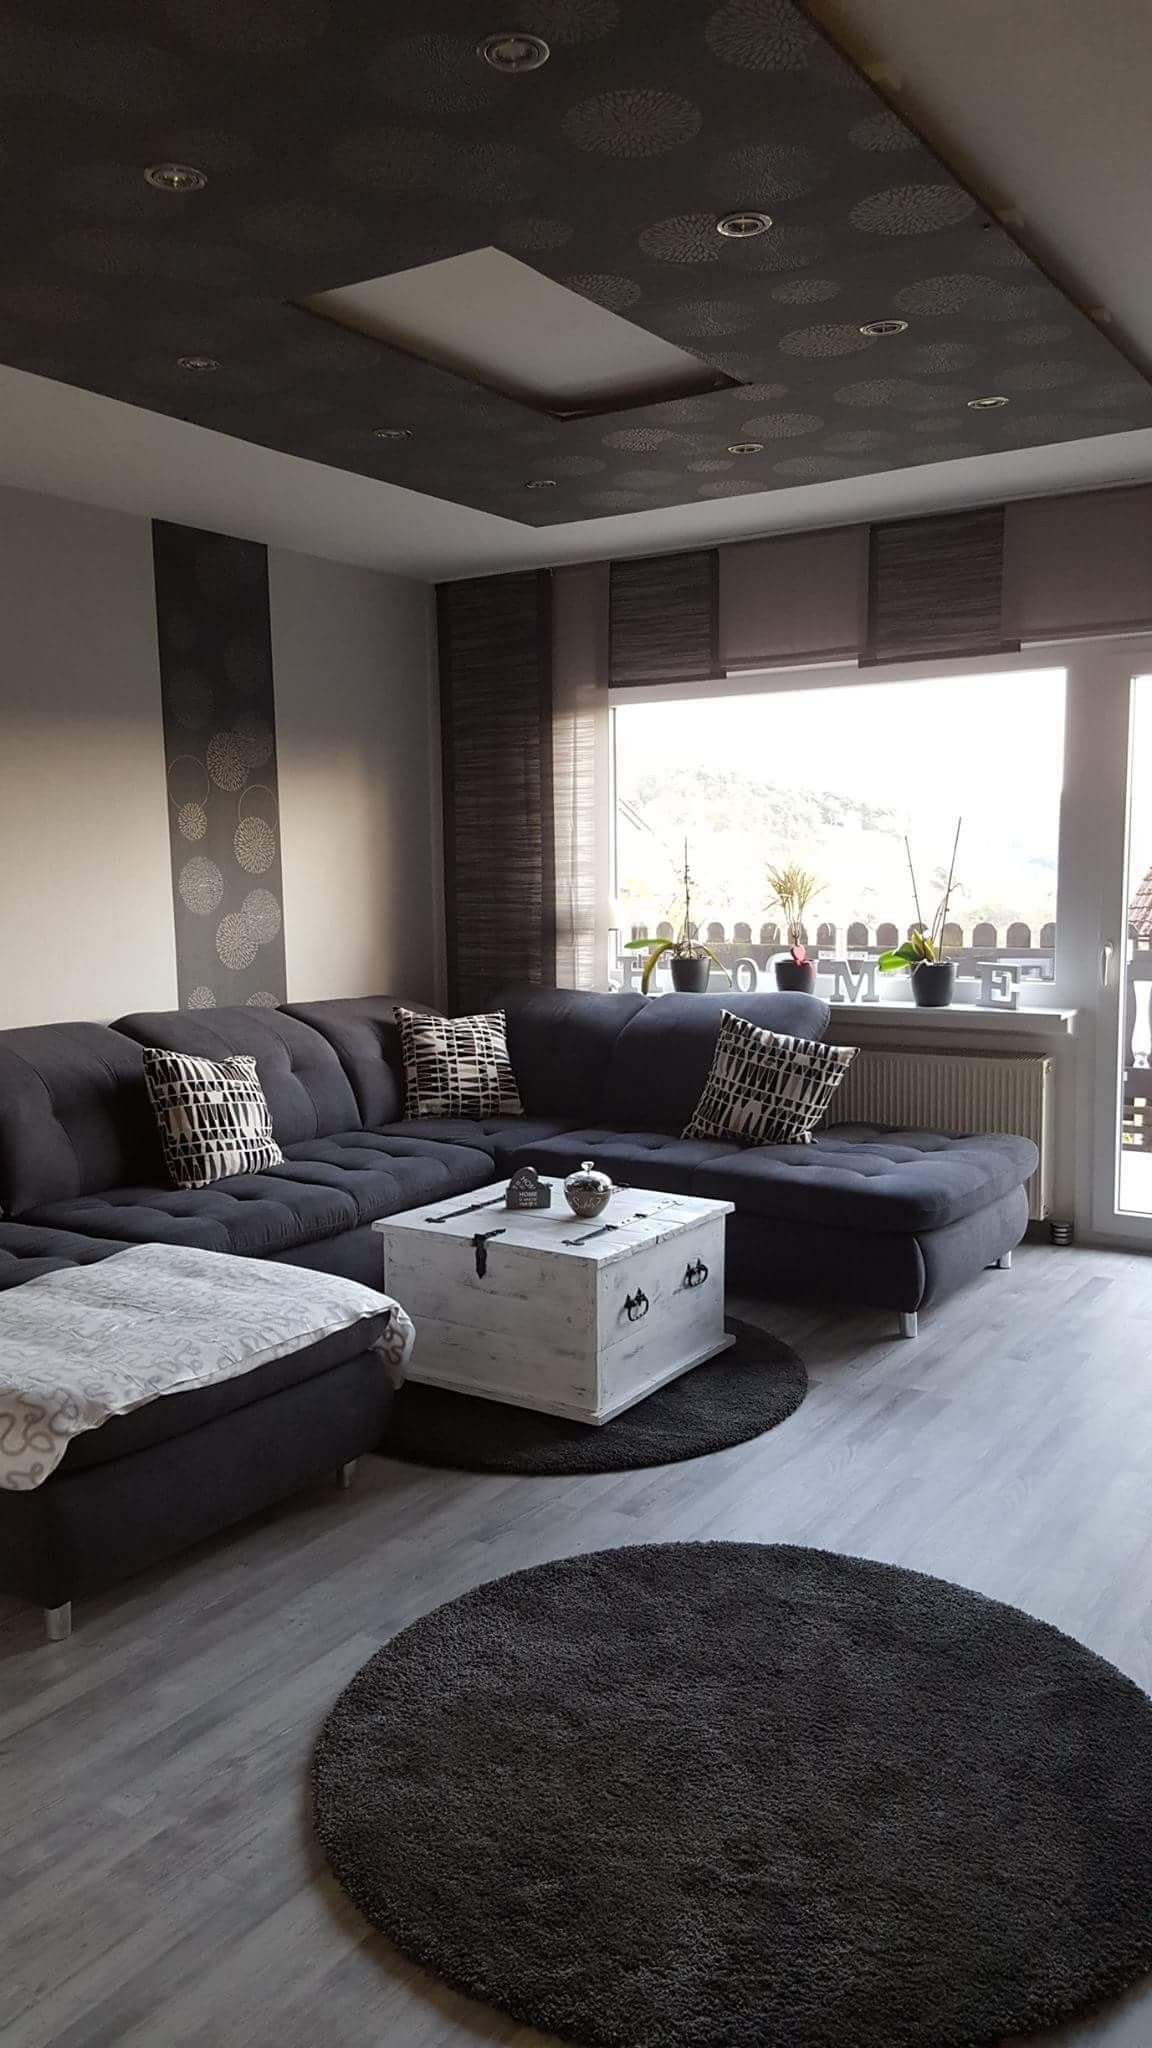 Wohnzimmer grau-weiß, Living Room grey-white | Wohnzimmer grau ...